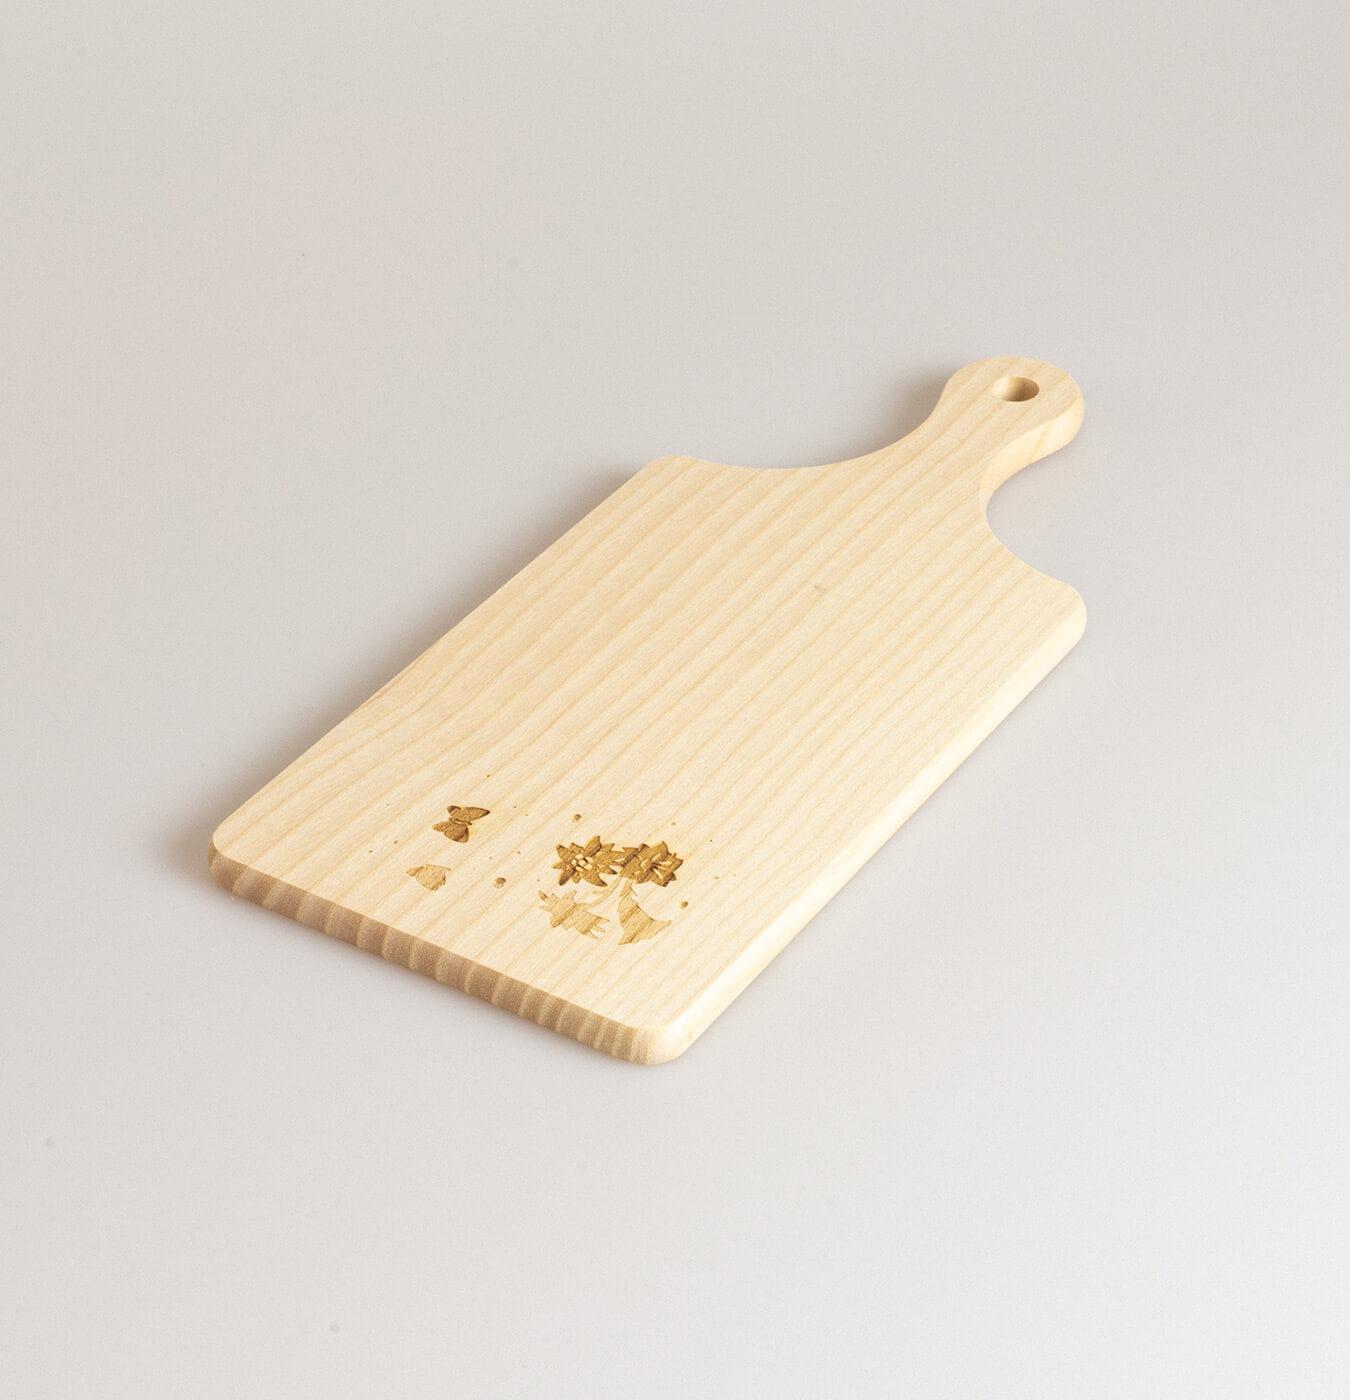 Tagliere con manico 27x12 cm con disegno inciso